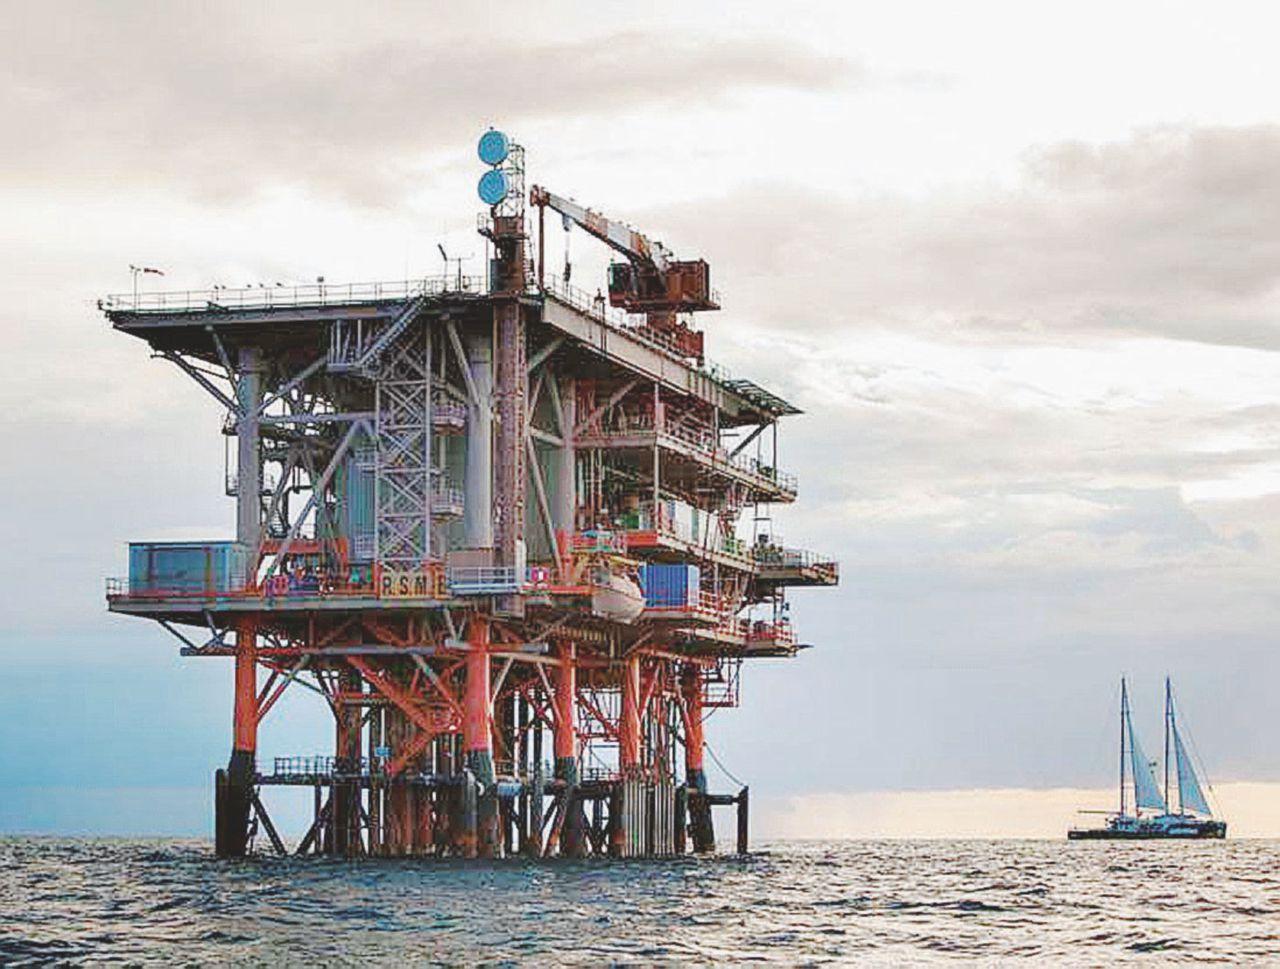 Trivellare senza i permessi: regalo del governo ai petrolieri